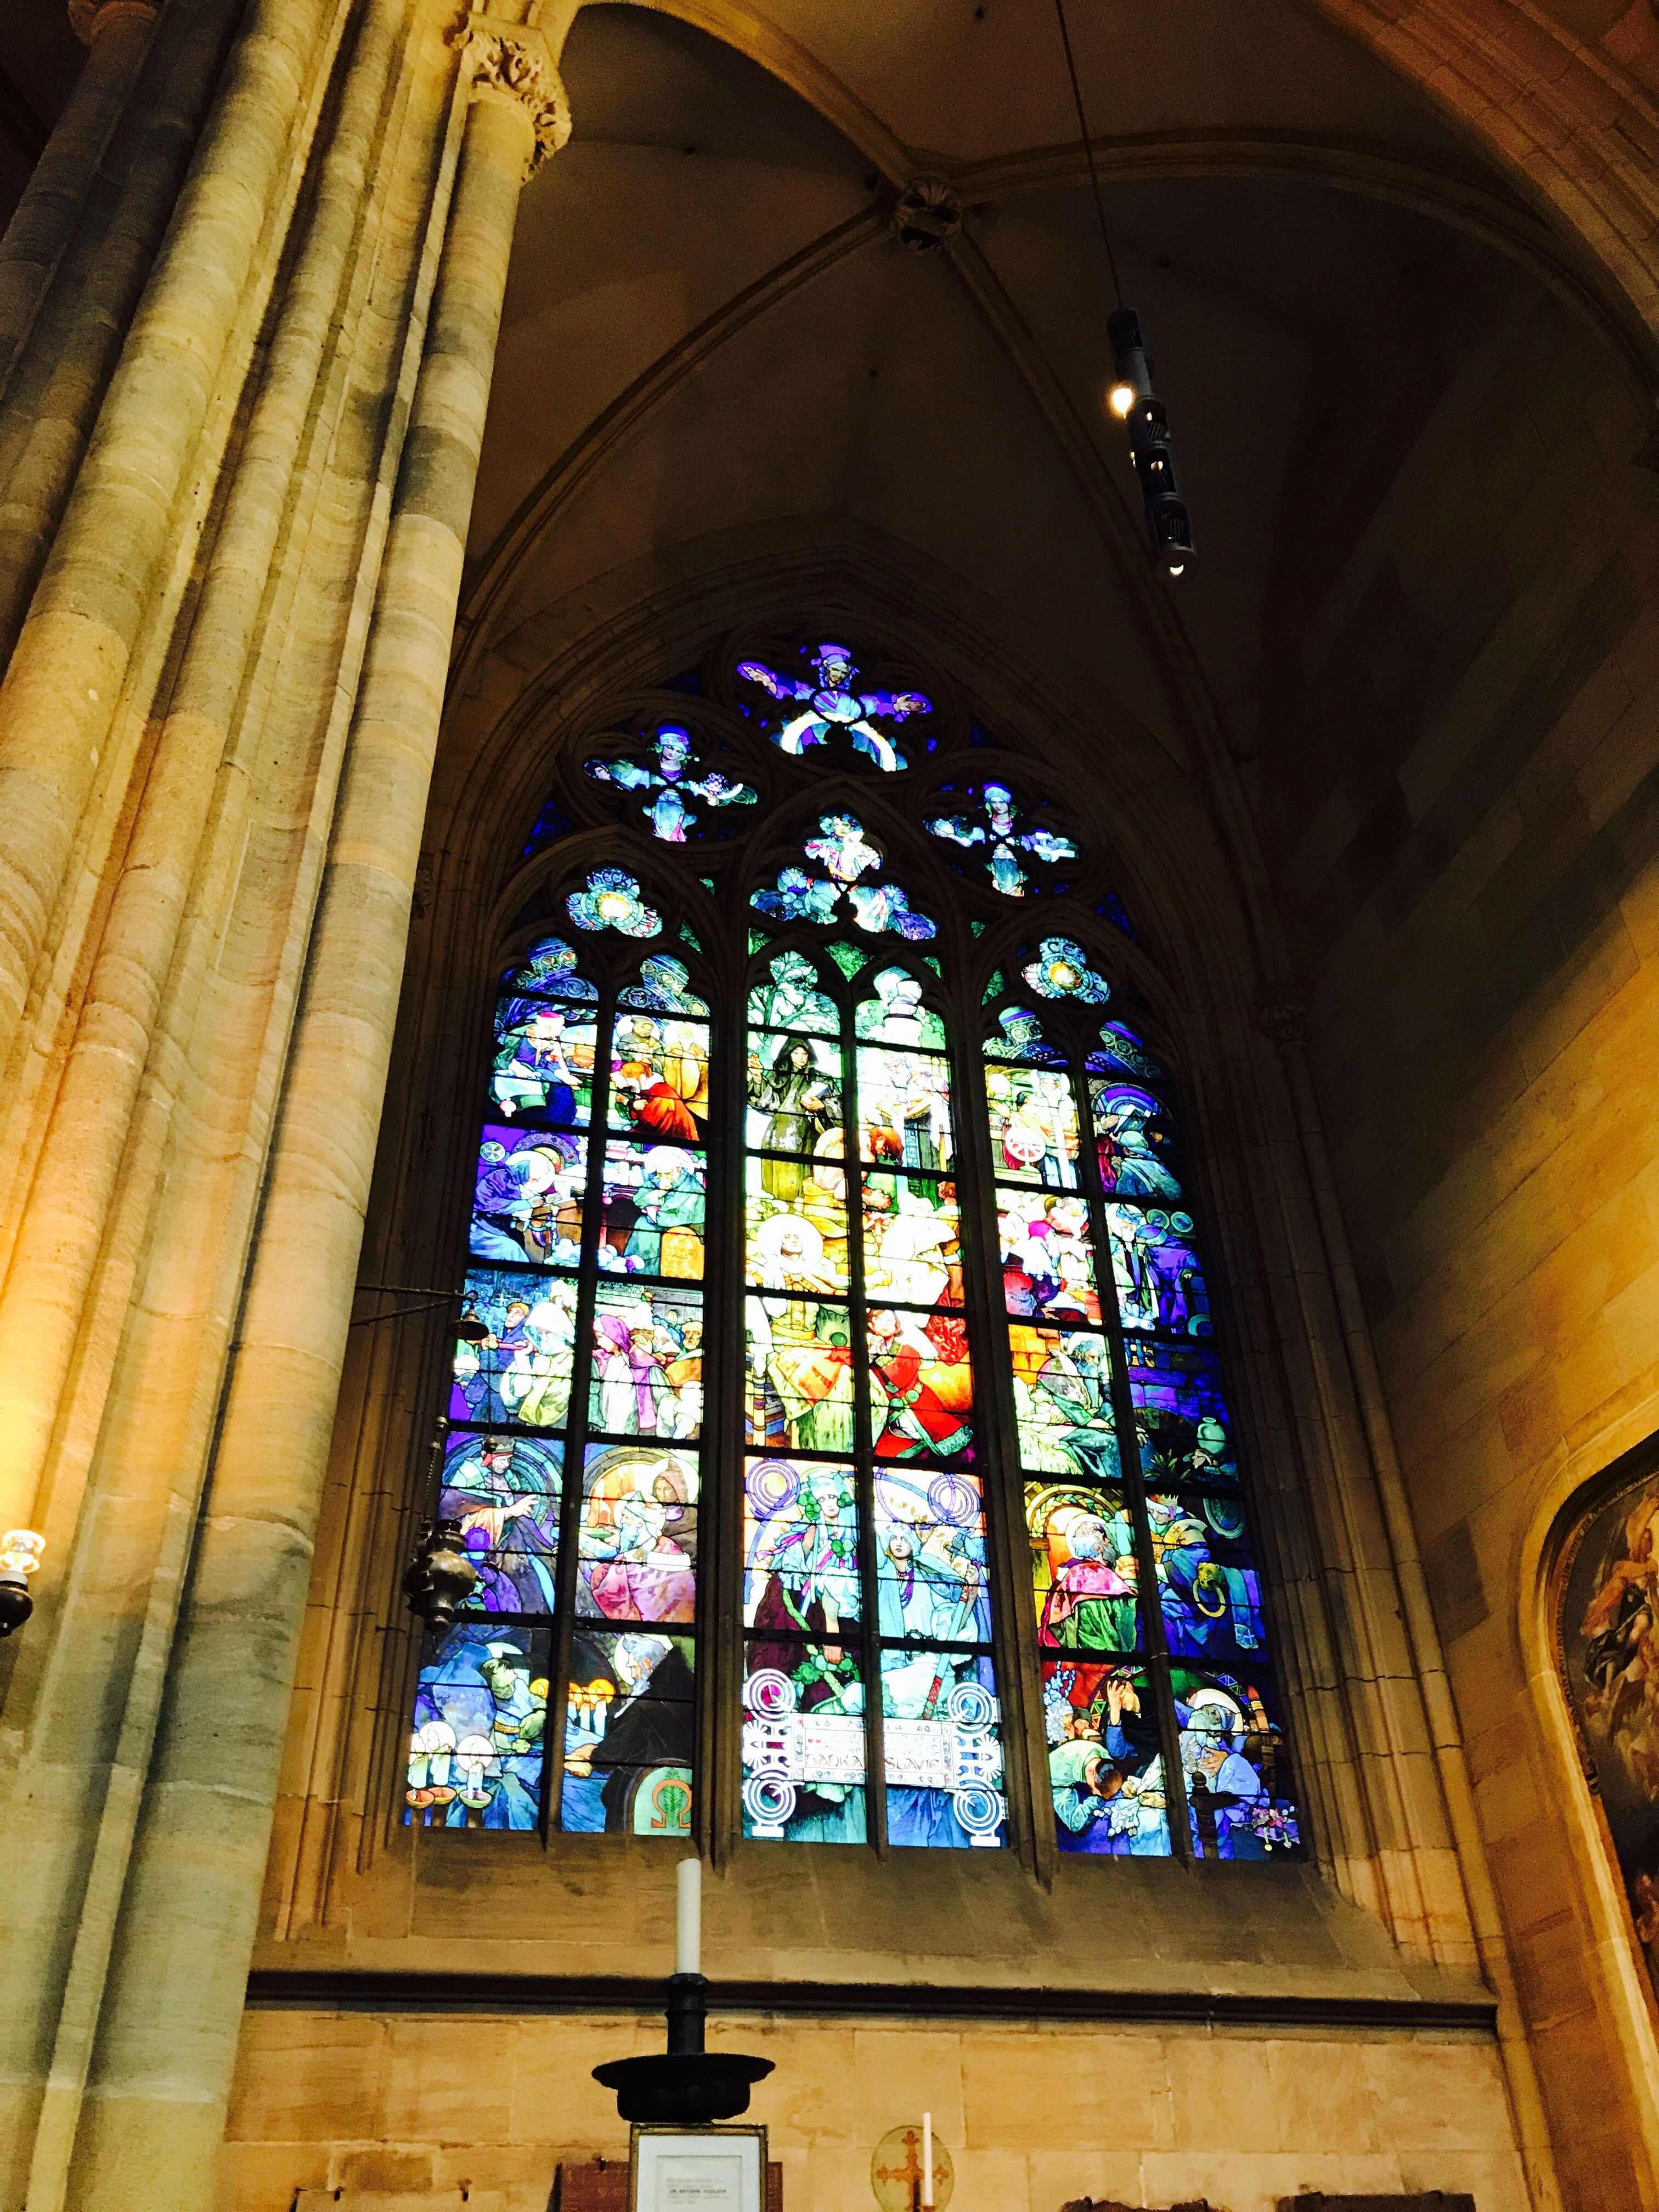 最多人慕名而來觀看的是「慕夏之窗」,由捷克著名畫家阿爾豐斯.慕夏所設計親手彩繪。Photographer / Penny